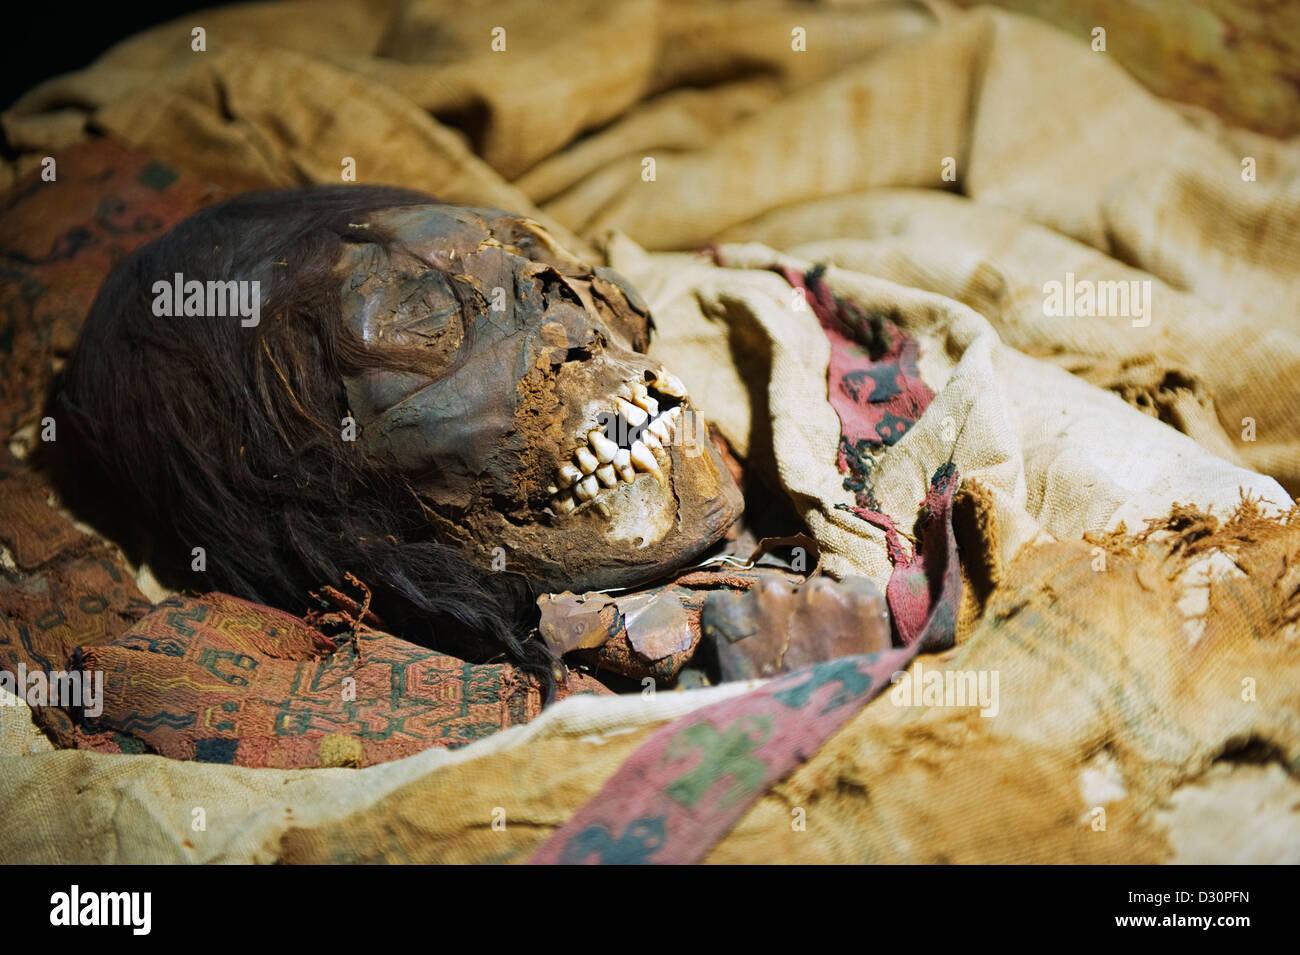 mummy skull at Museo Nacional de Antropologia David J Guzman, Anthropology museum, San Salvador (capital city), - Stock Image